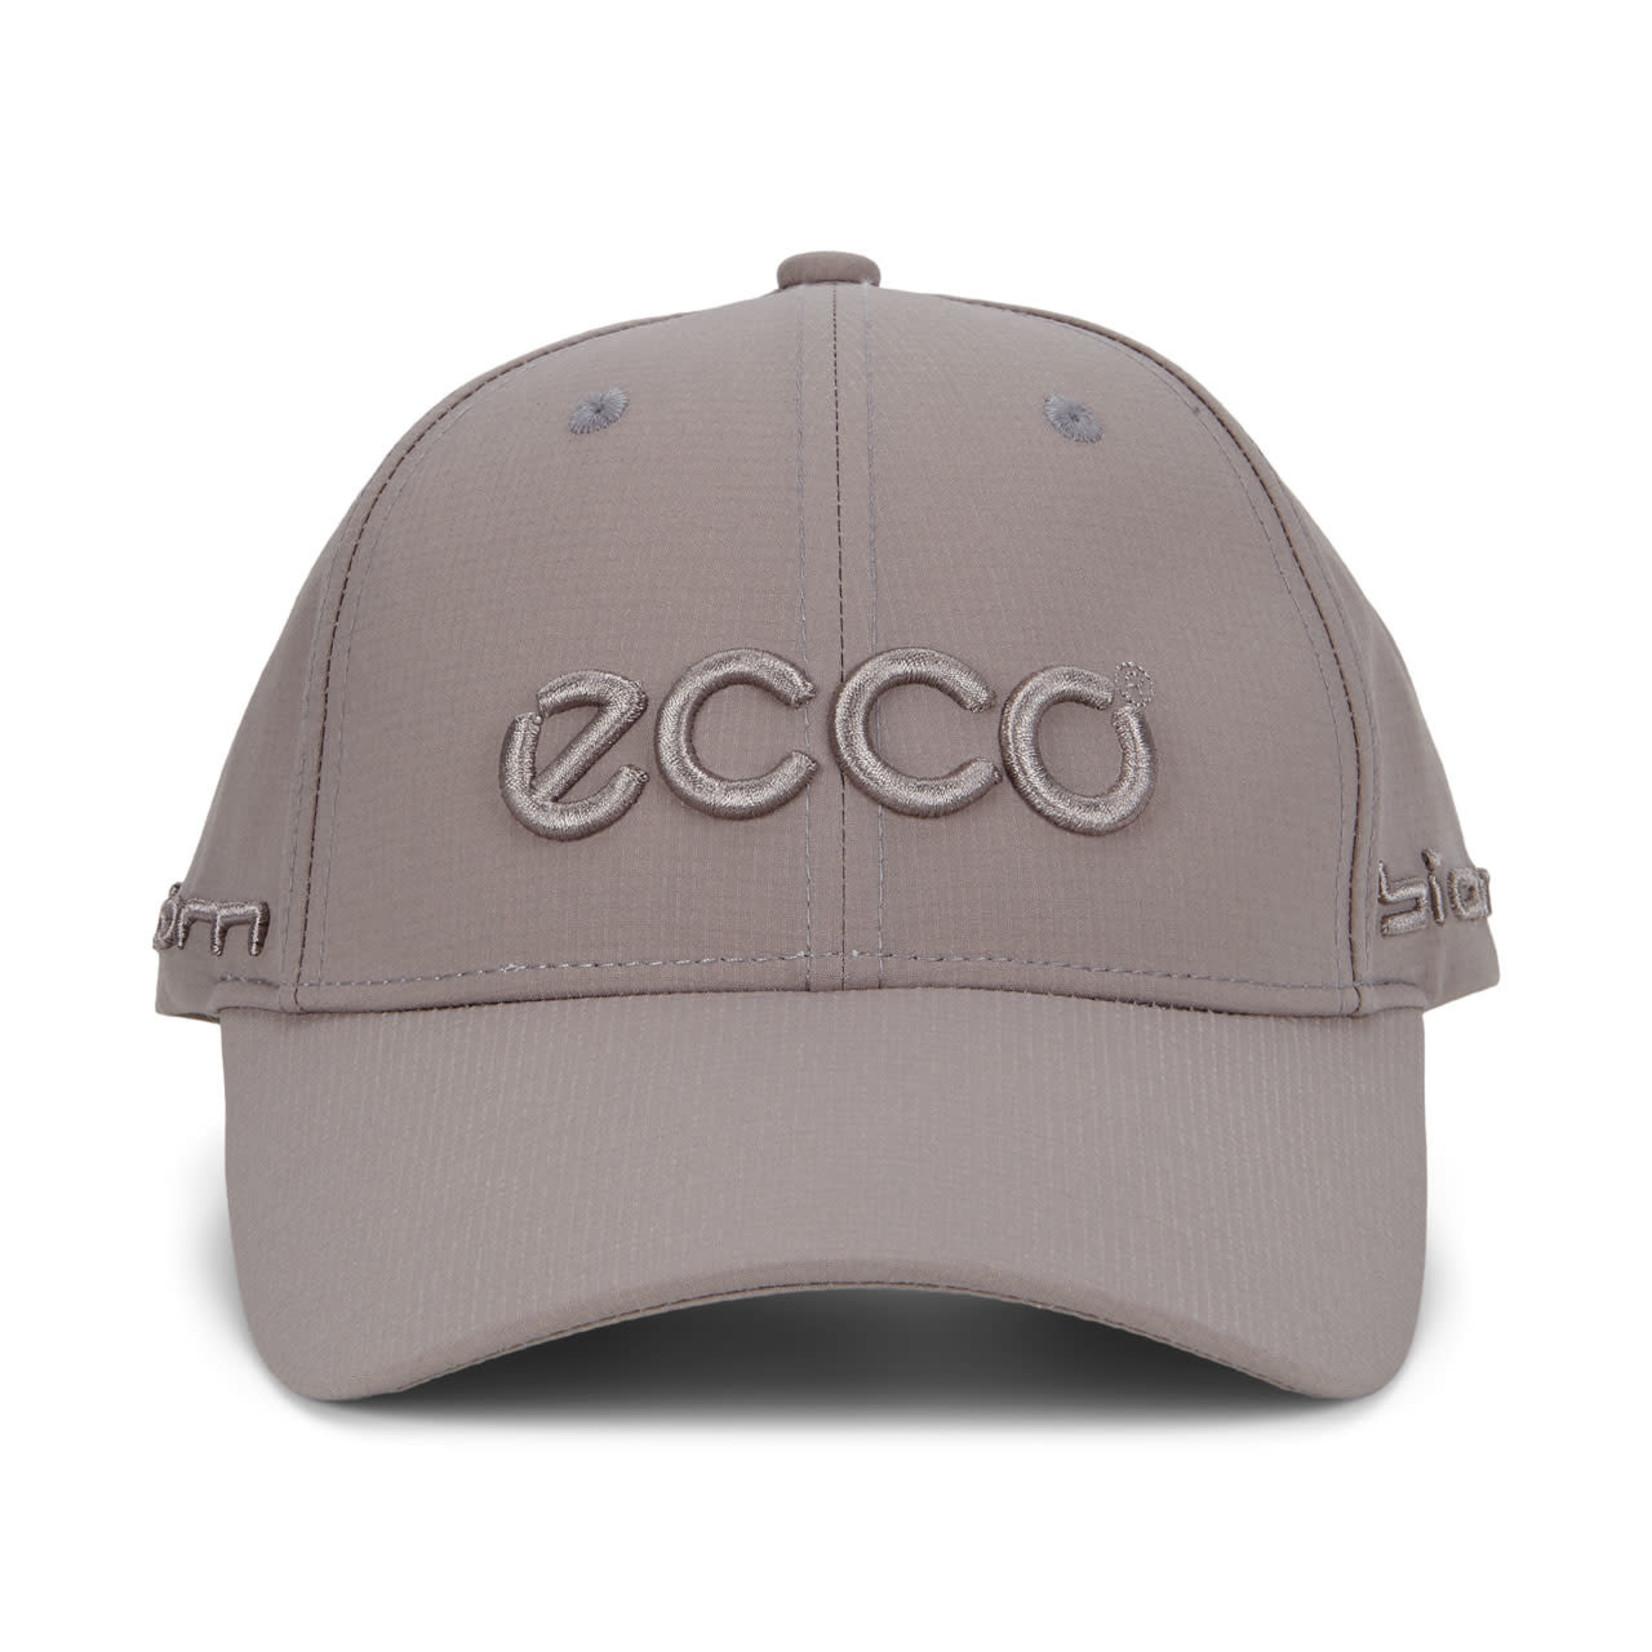 Ecco ECCO Cap Grey